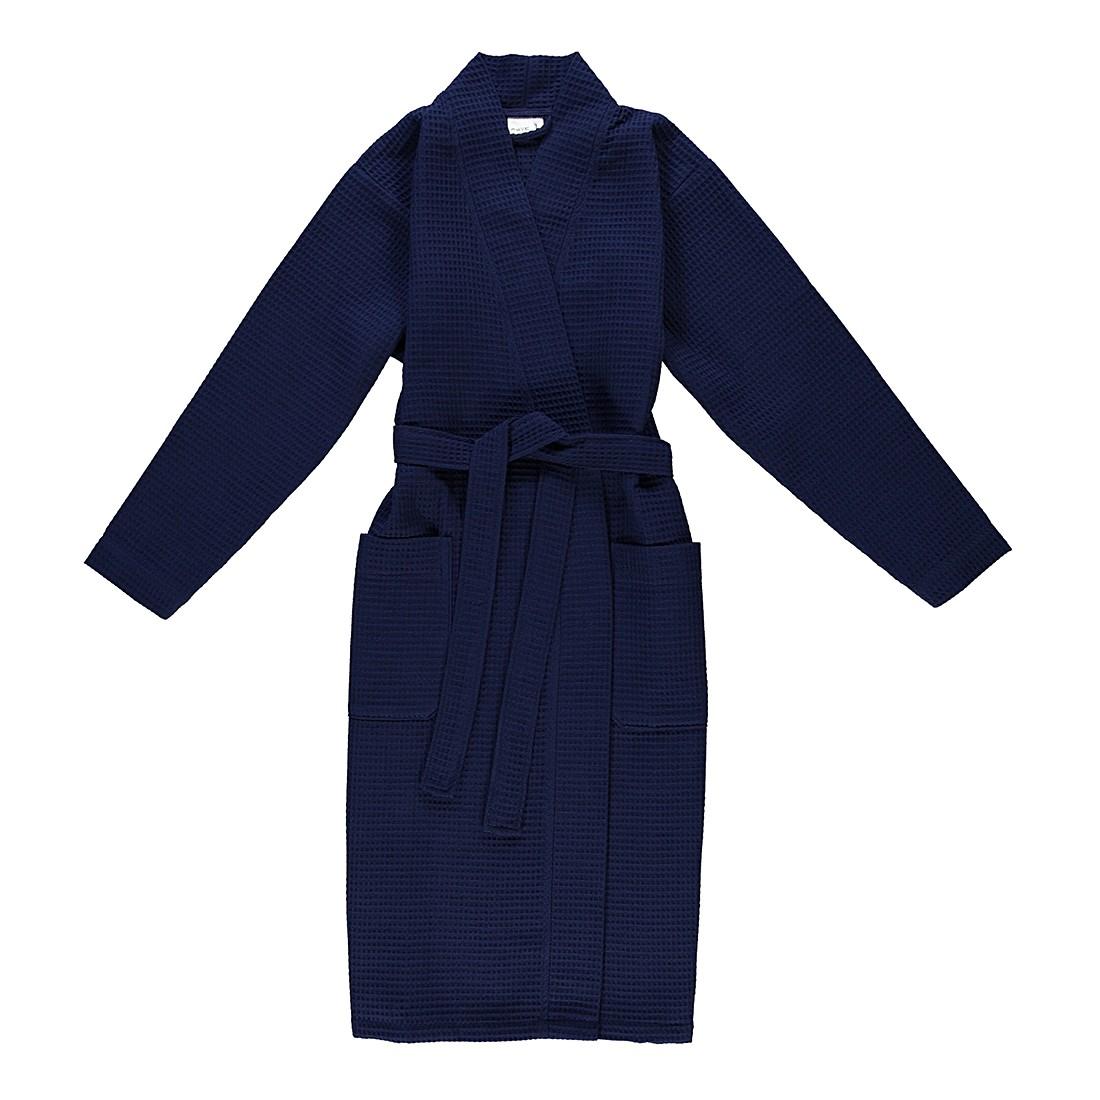 Bademantel unisex Pique Homewear – 100% Baumwolle deep sea – 596 – Größe: S, Möve günstig bestellen